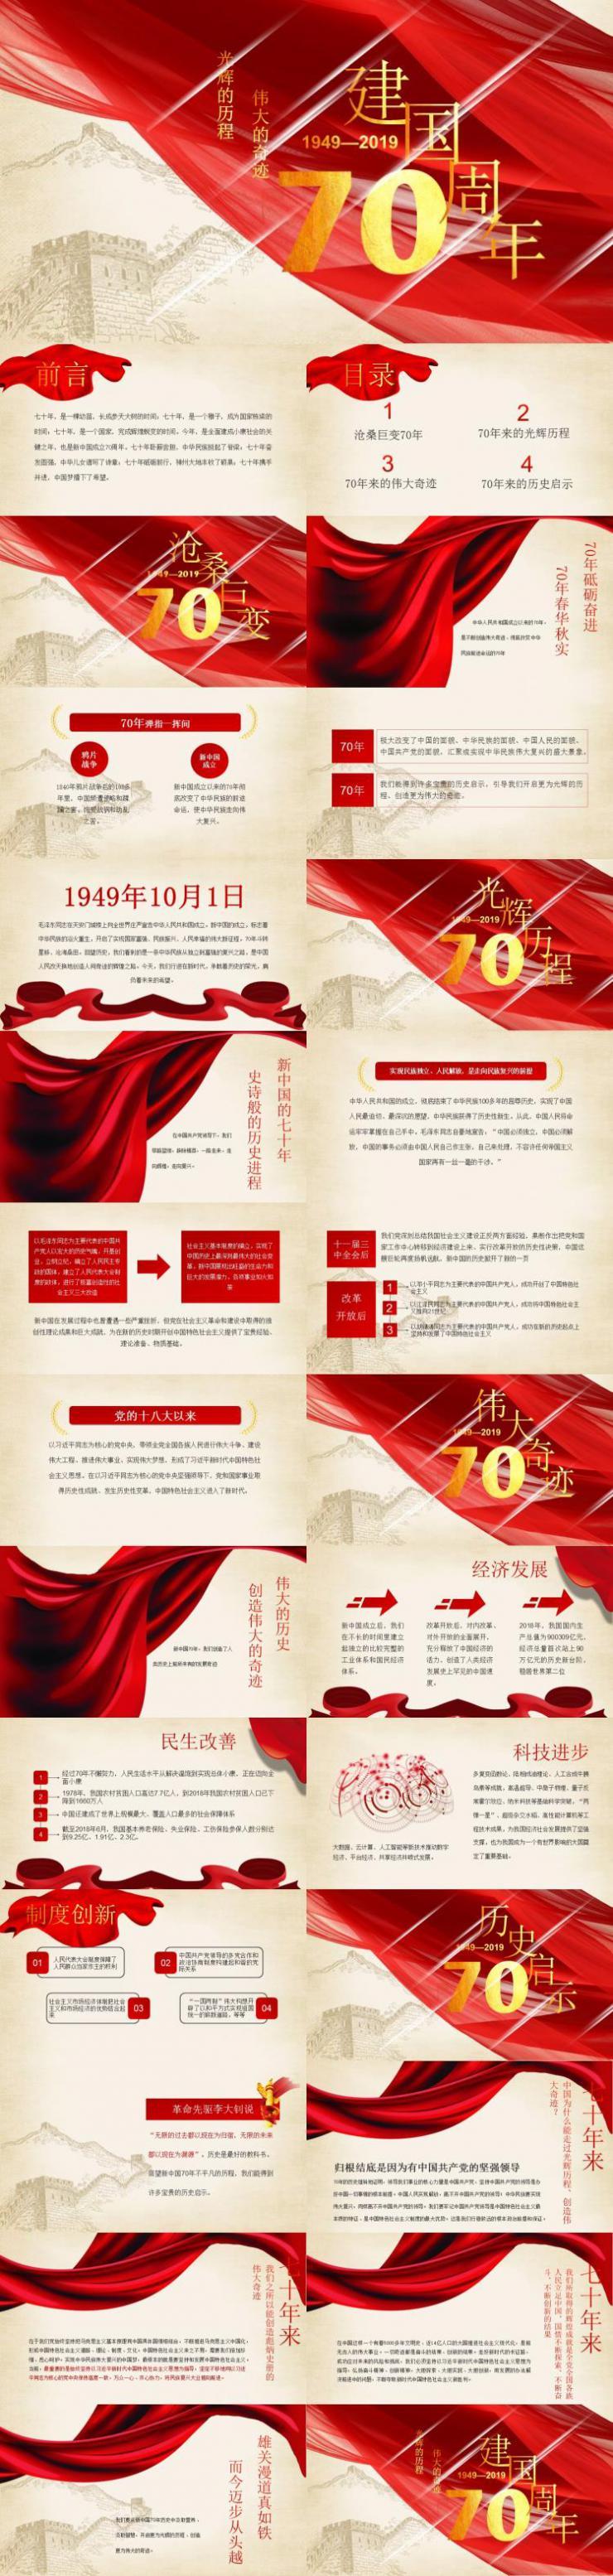 党课党建建国70周年光辉历程PPT模板